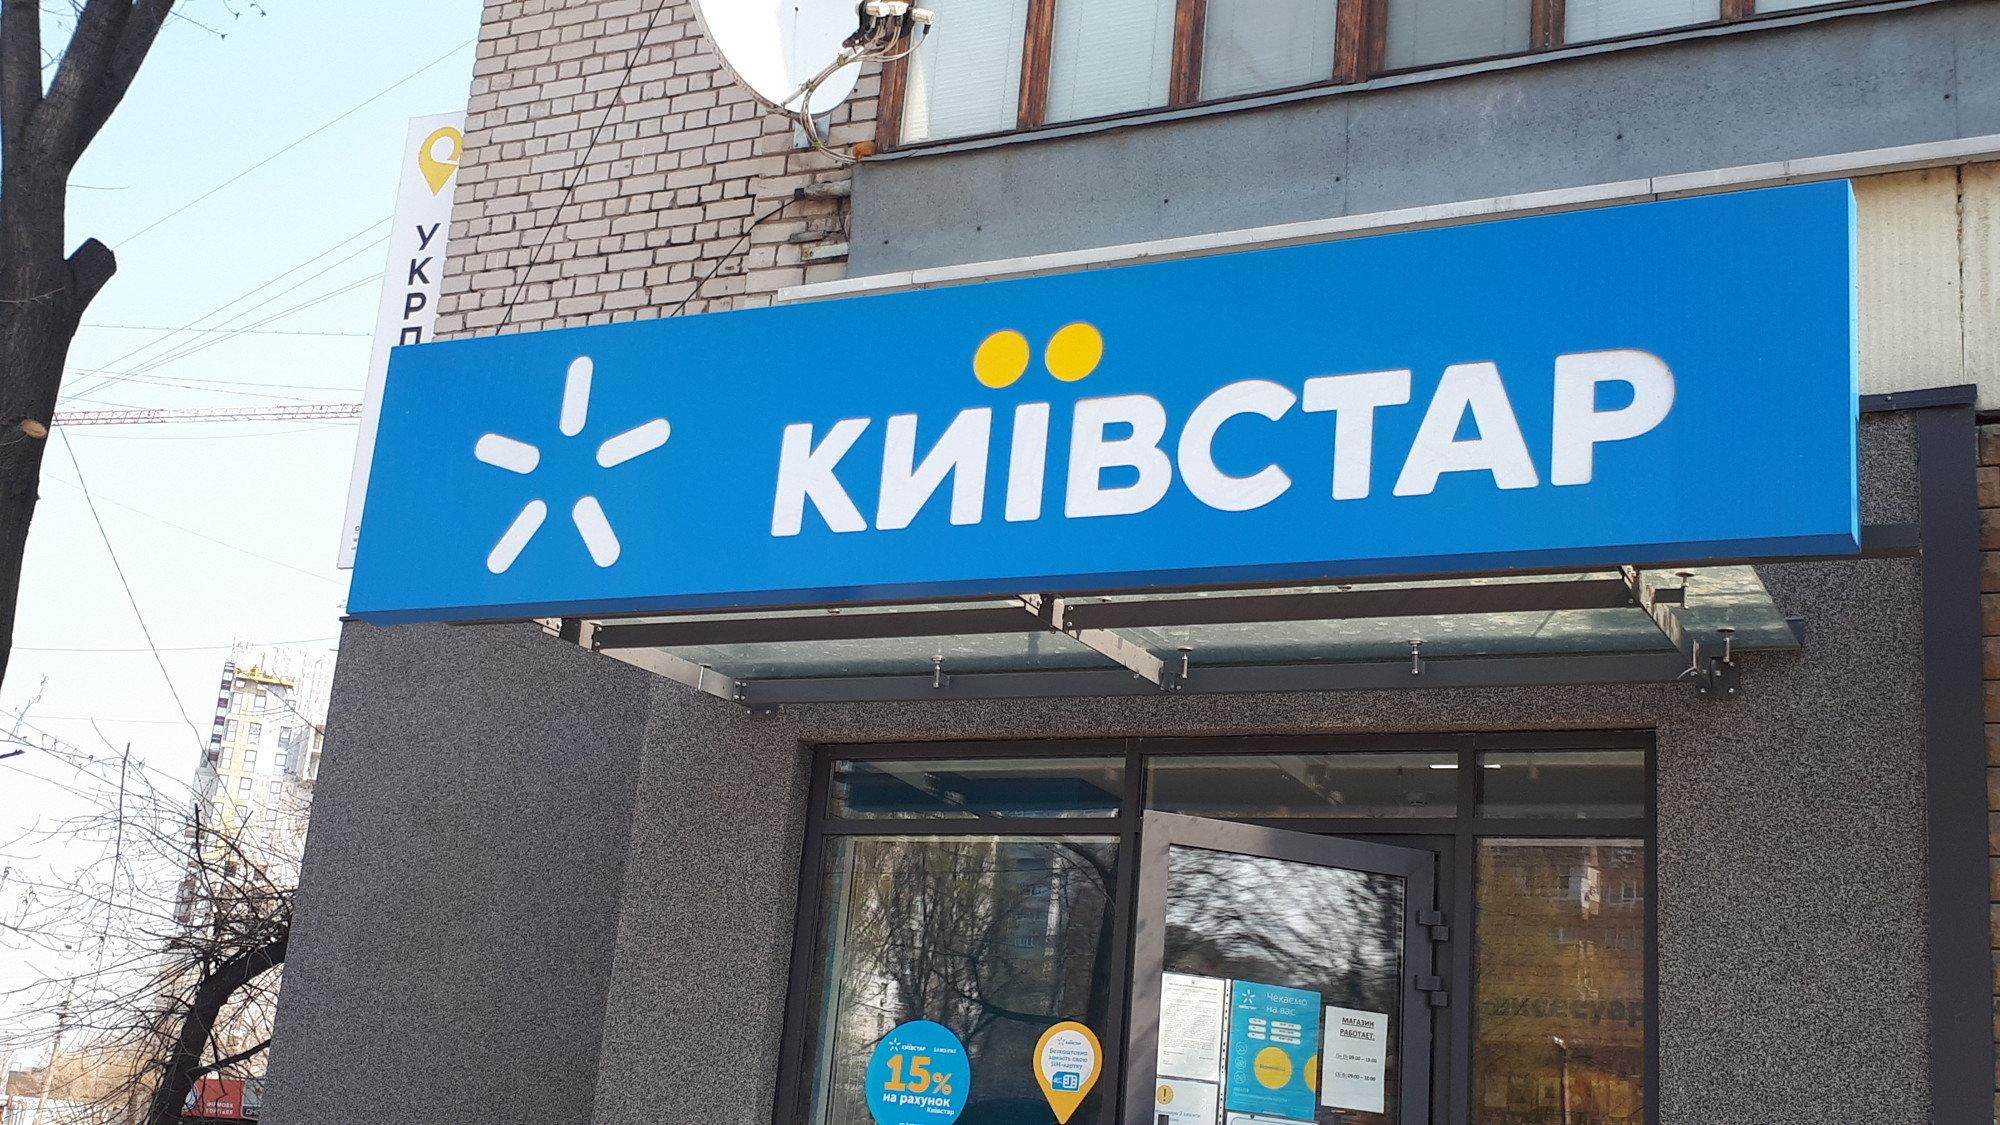 Киевстар внедрил поддержку виртуальных SIM-карт